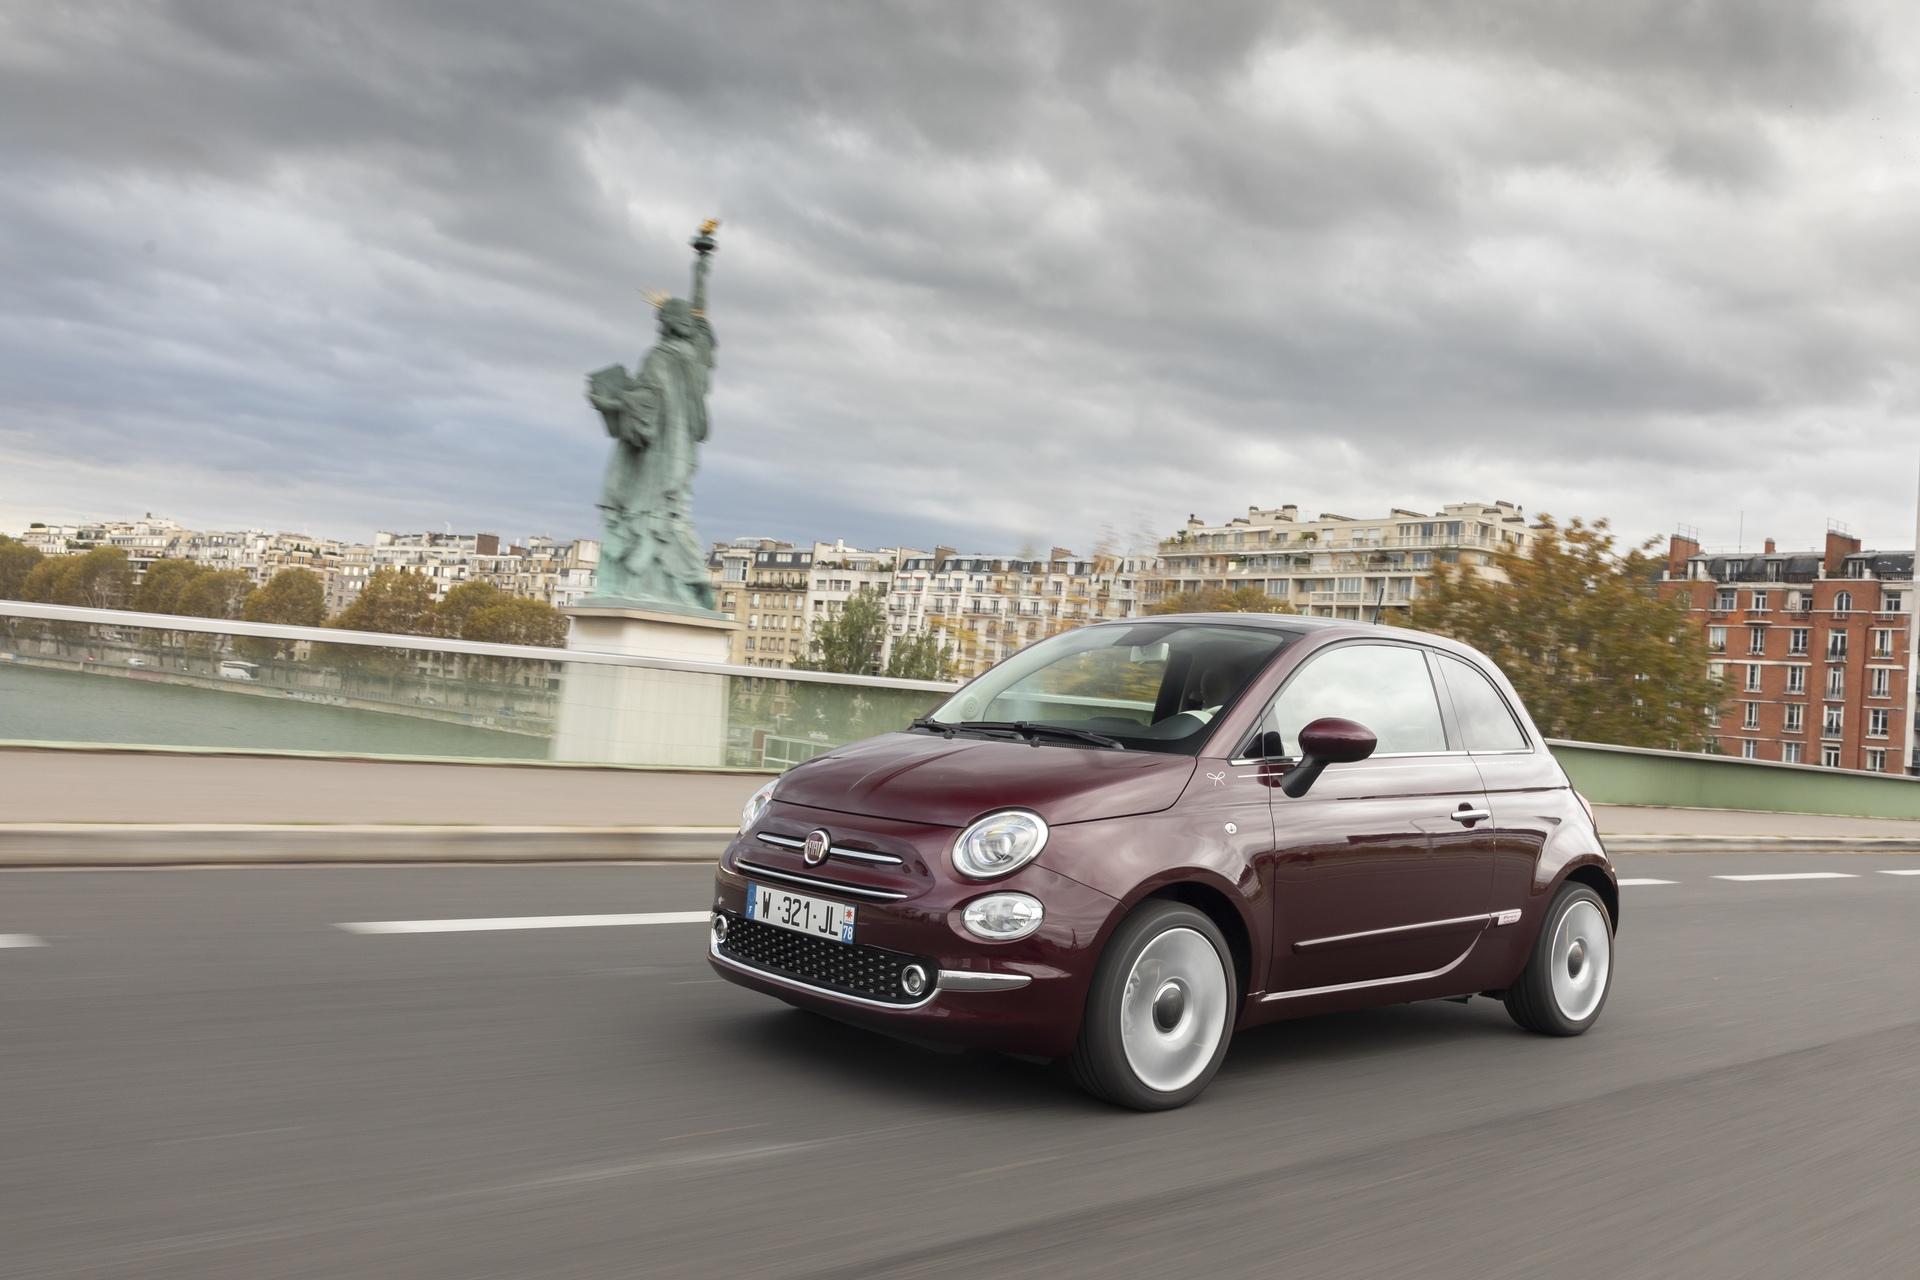 Fiat_500_Repetto_0018